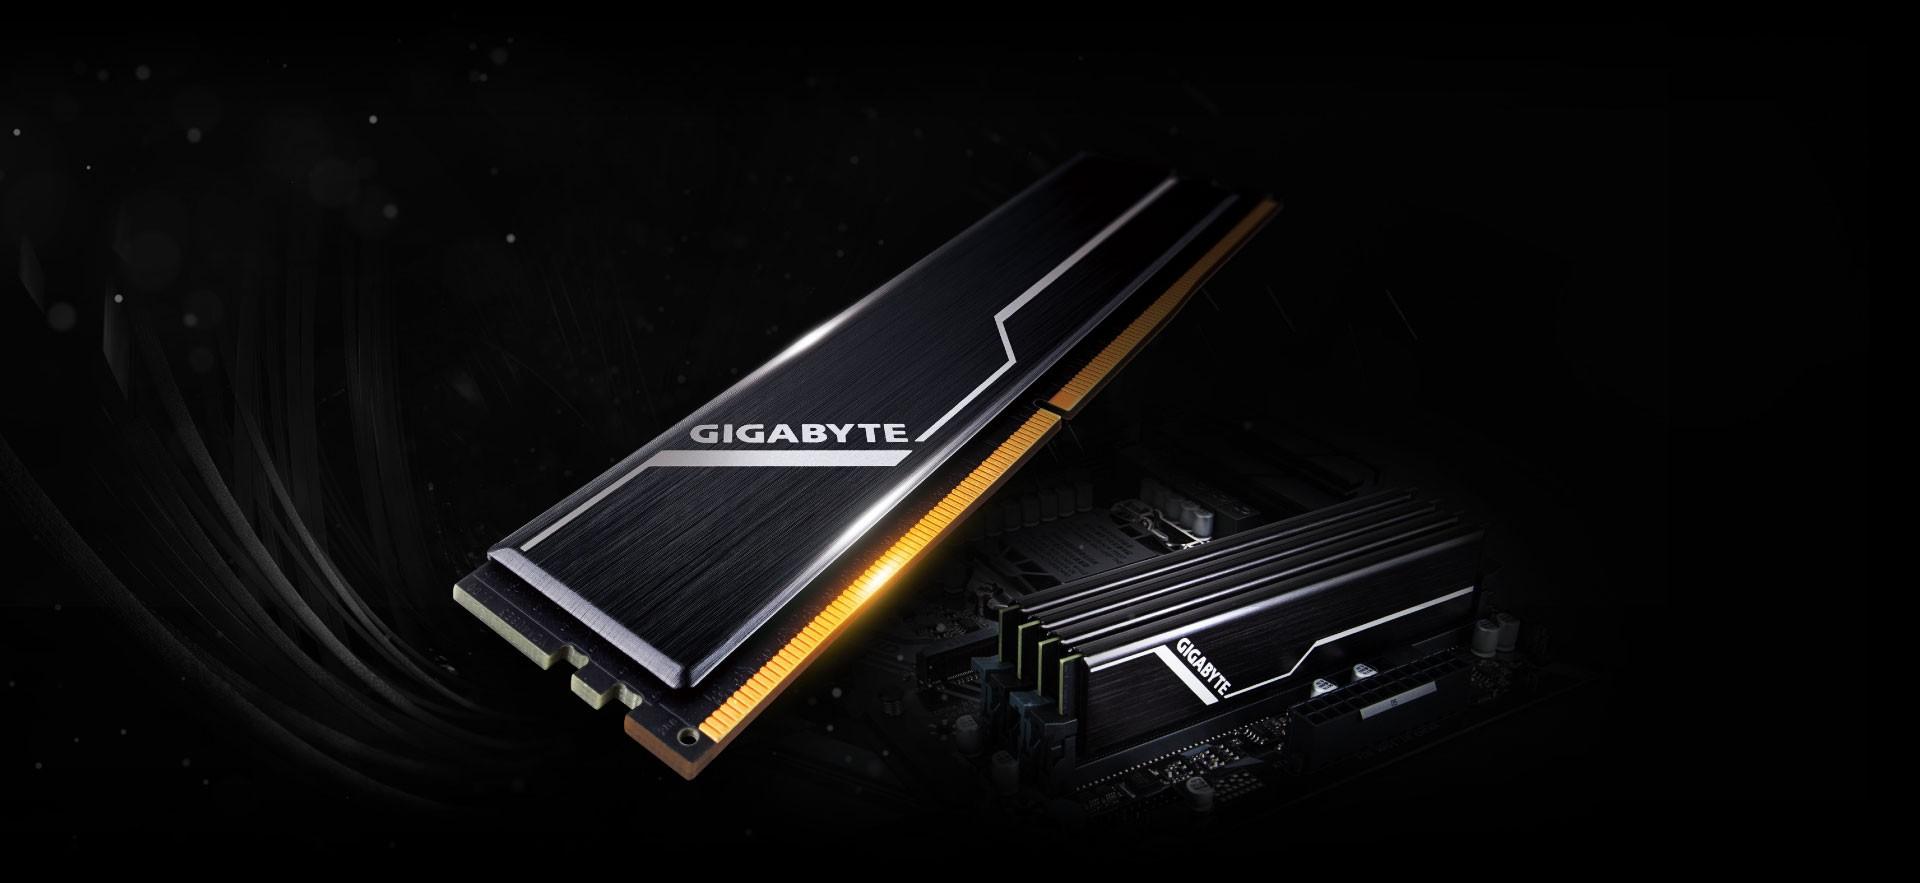 GIGABYTE CLASSIC BLACK DRAM